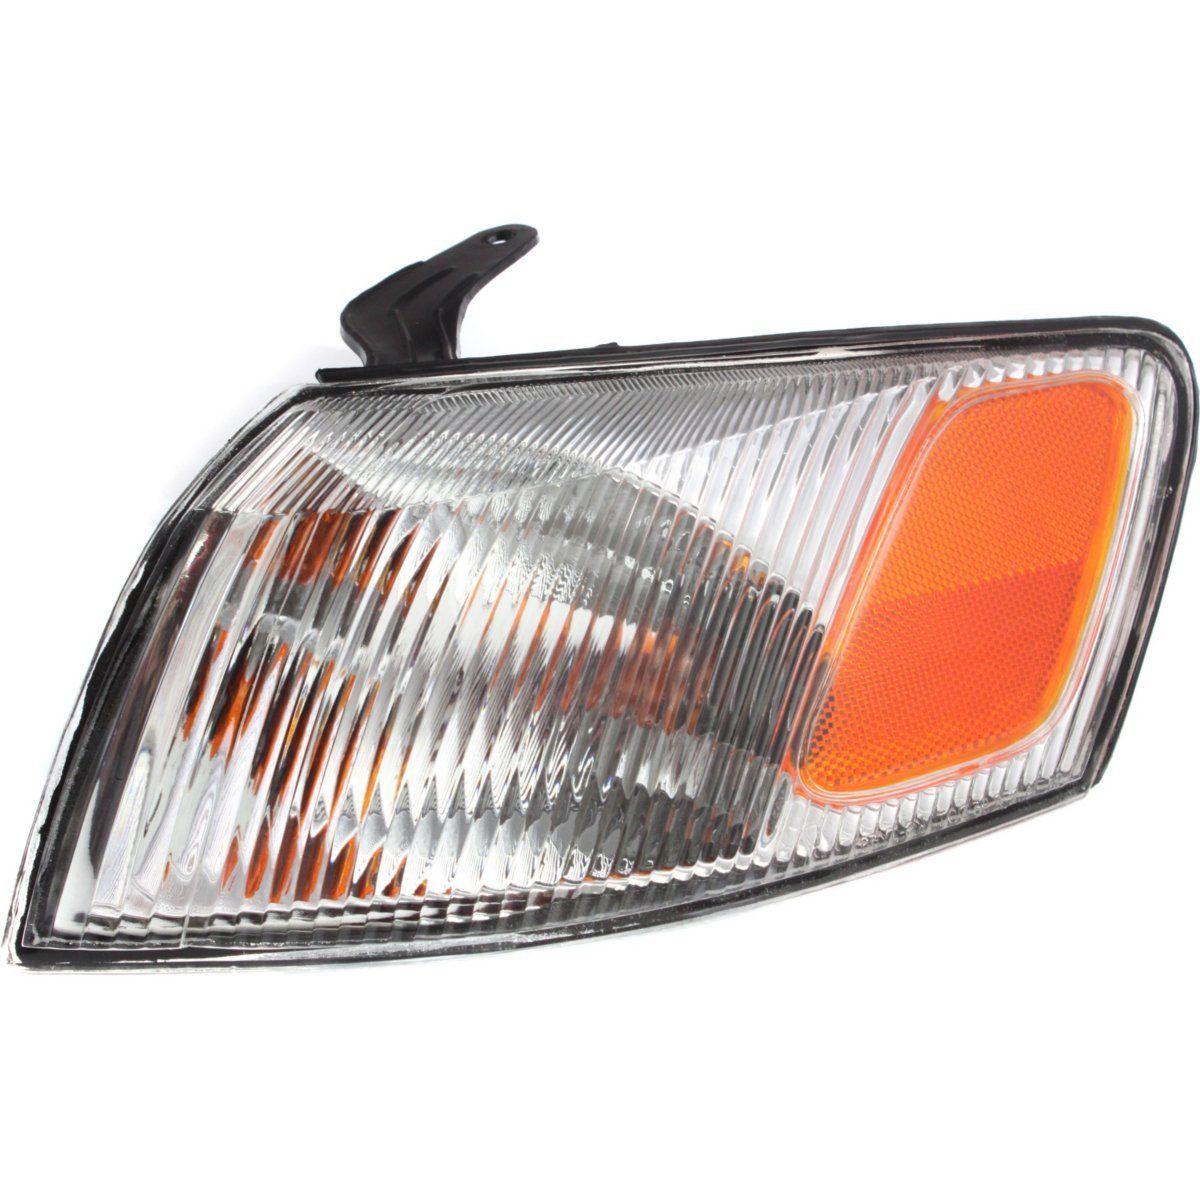 コーナーライト Corner Light For 97-99 Toyota Camry Driver Side Incandescent w/ Bulb コーナーライト97-99トヨタカムリドライバサイド白熱電球